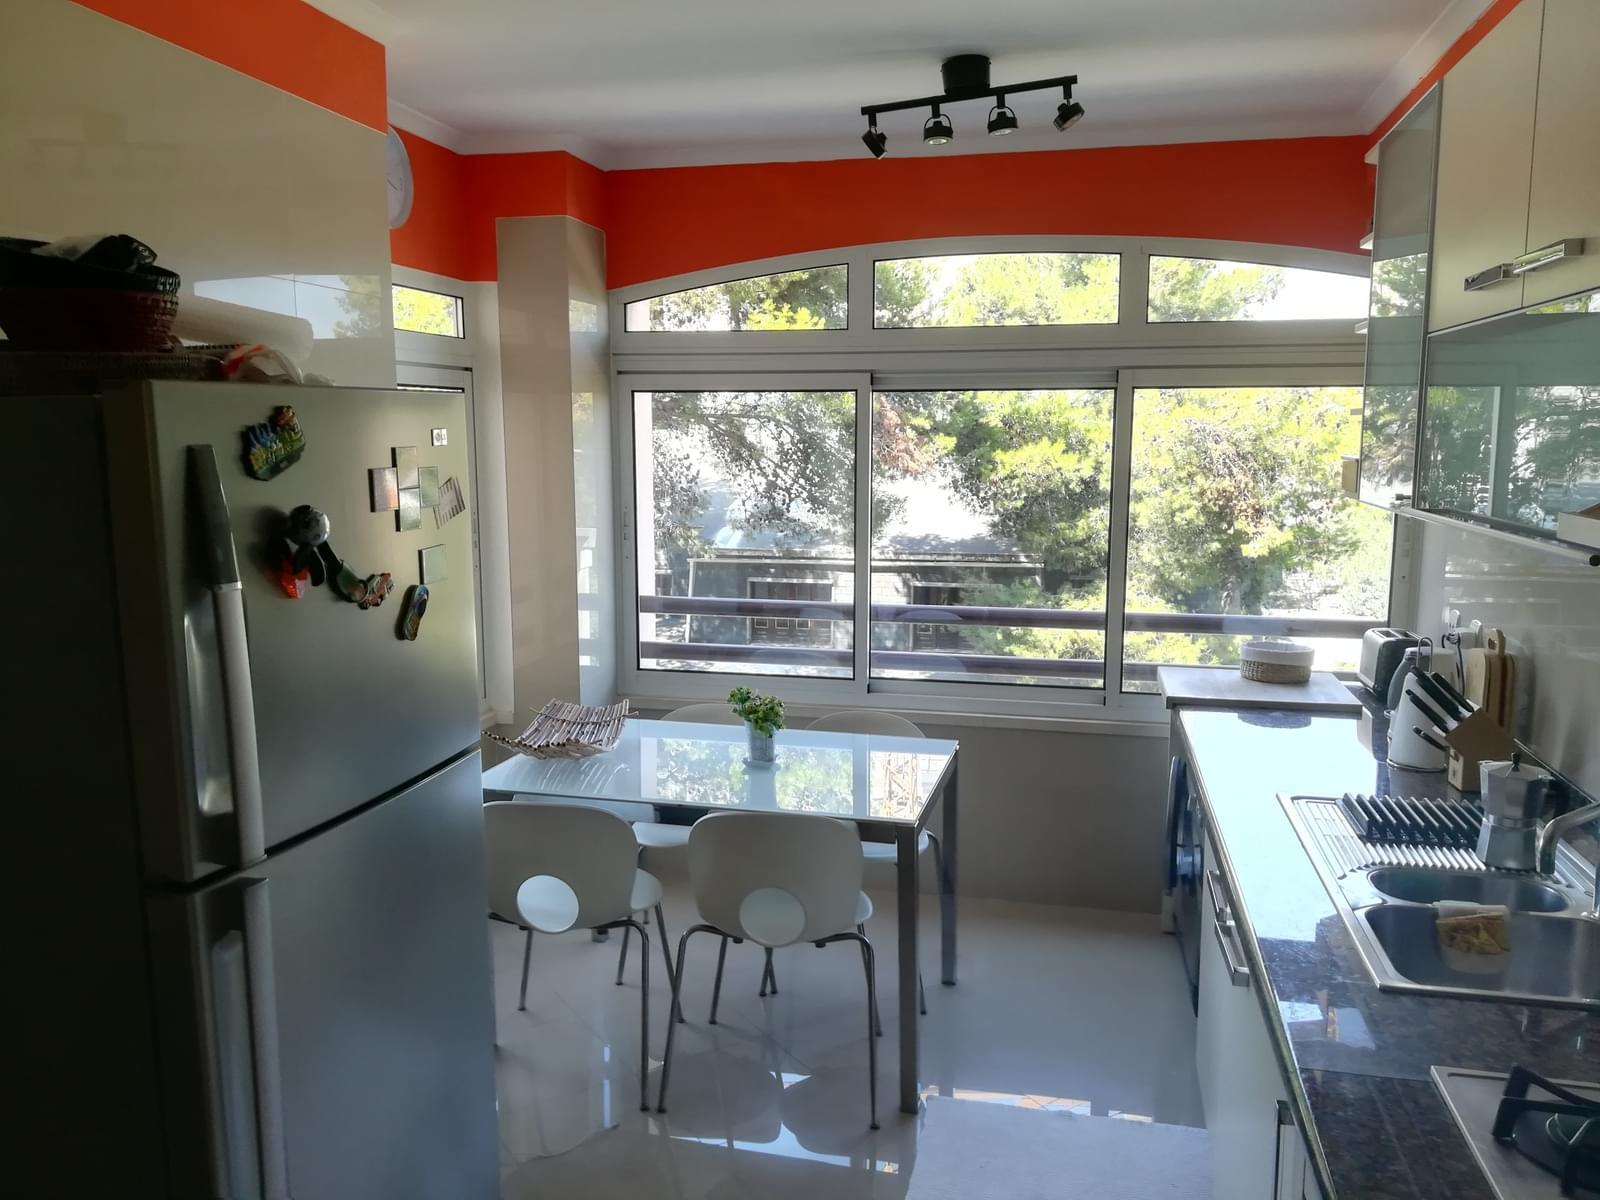 pf17981-apartamento-t3-24c22349-1195-47d3-a139-f889c9a68706